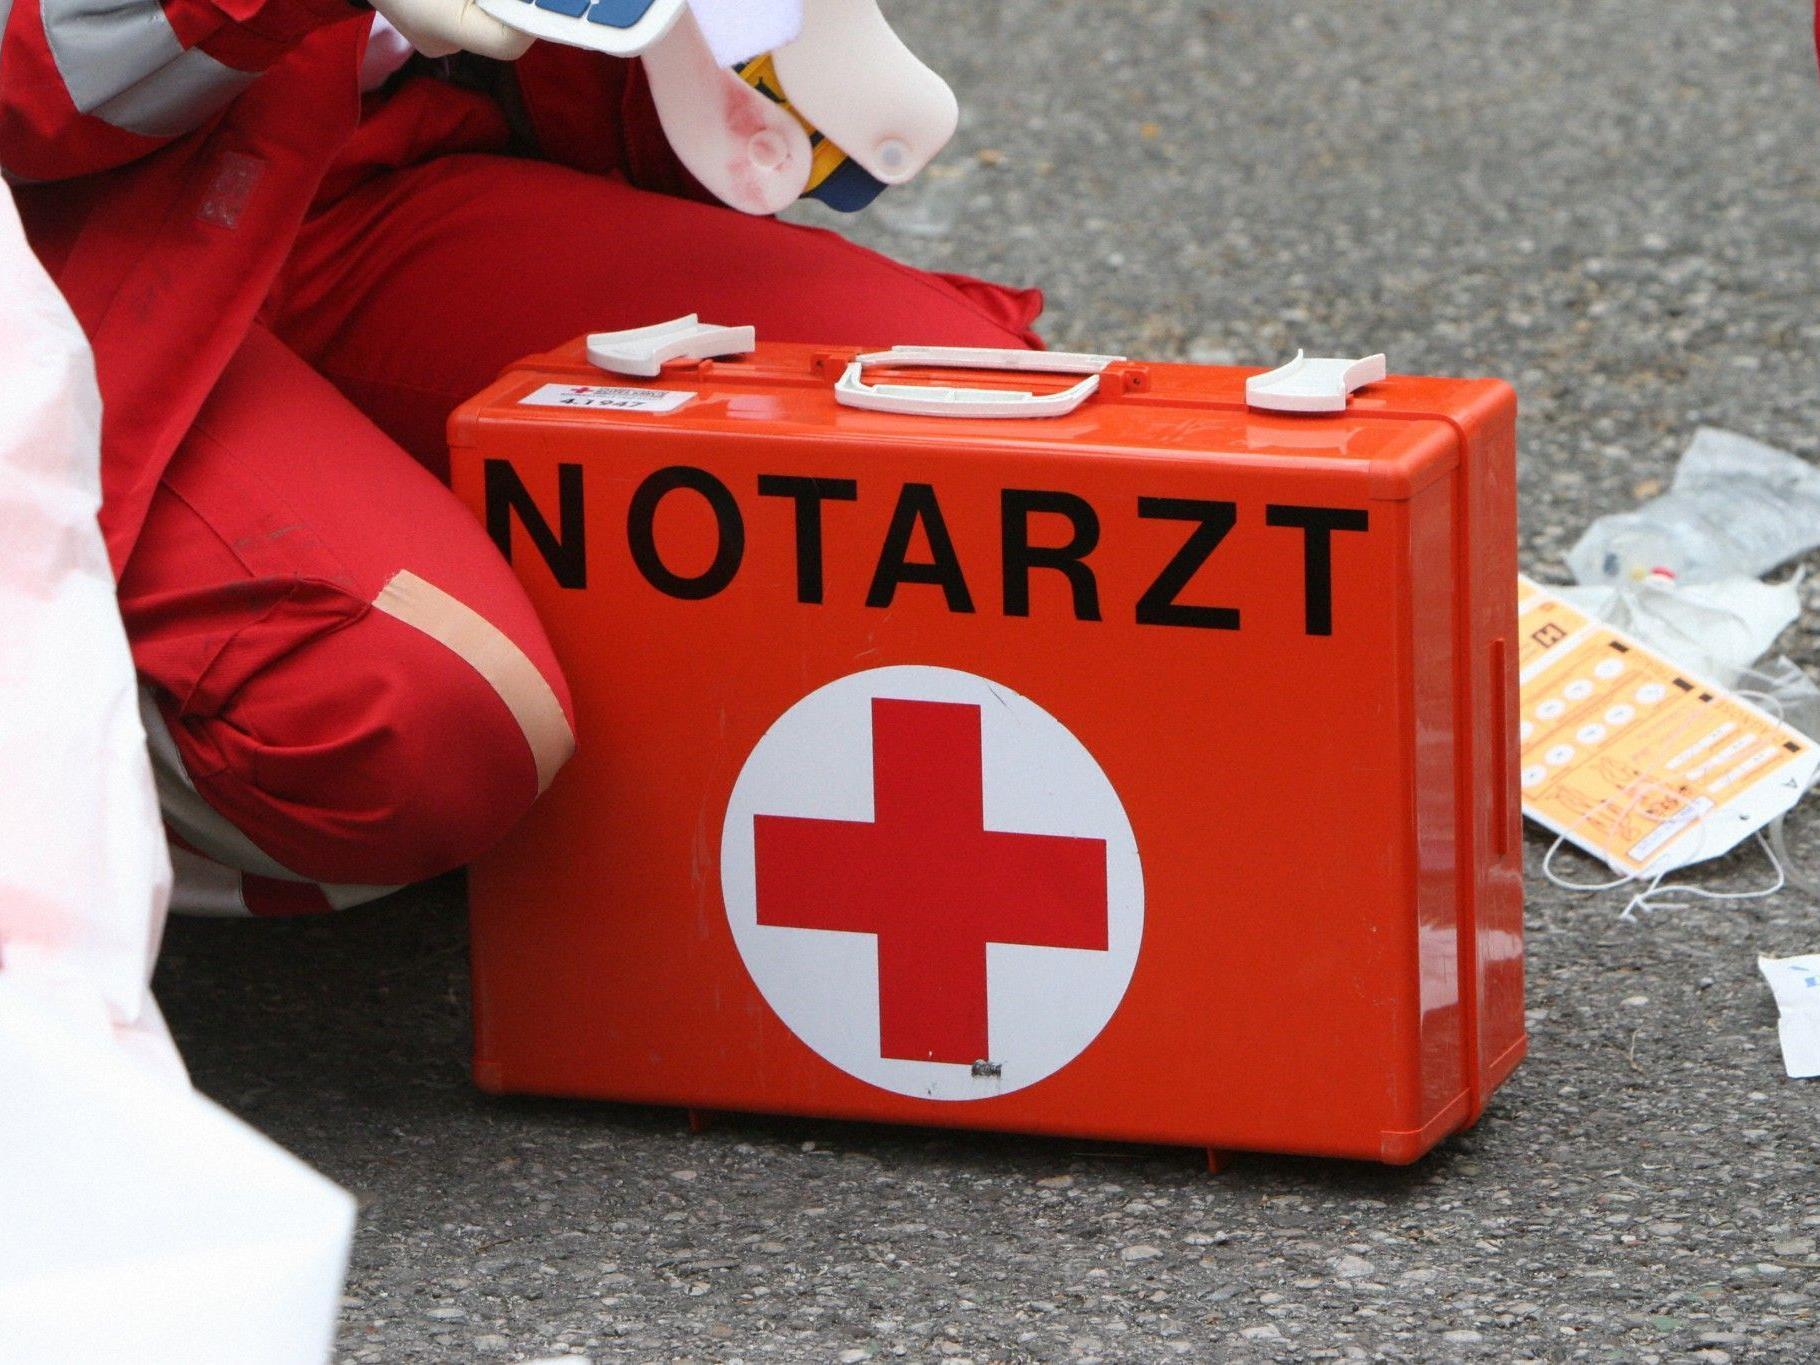 Die fünf Schulkollegen leisteten Erste Hilfe und verständigten sofort die Rettung.